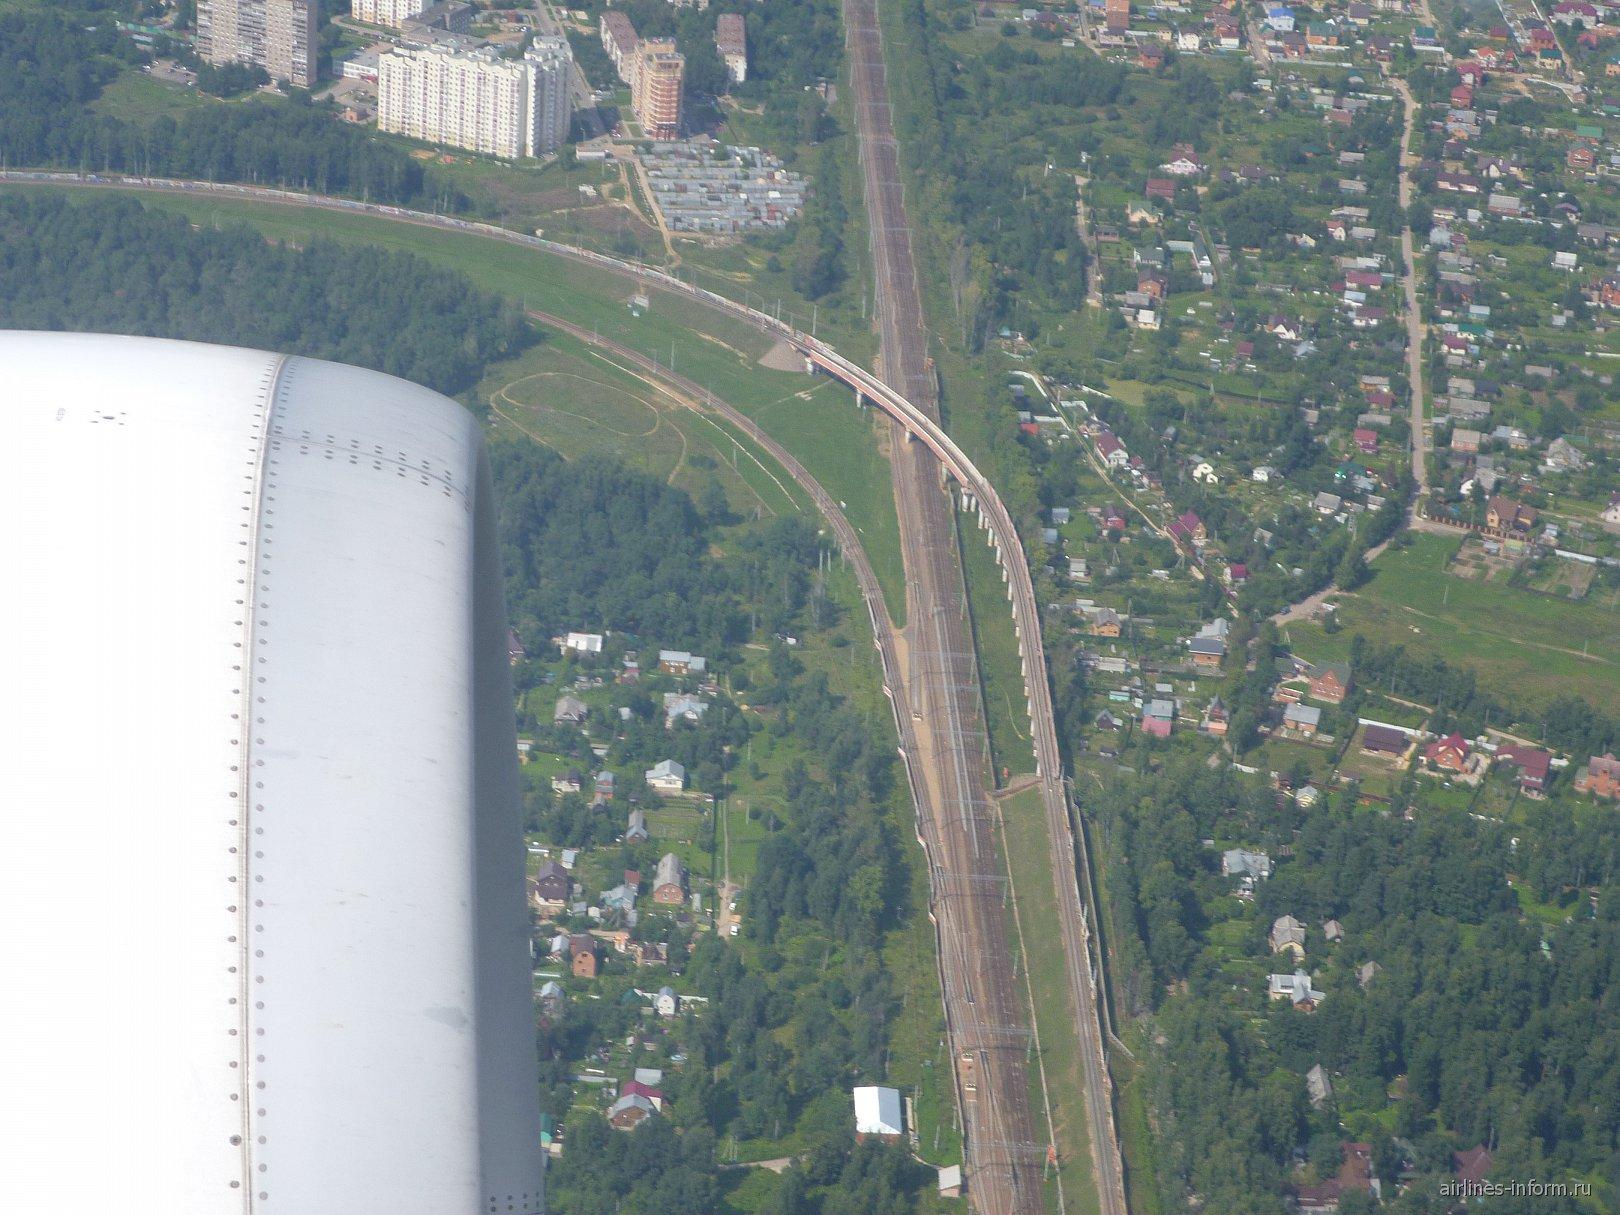 Взлет из аэропорта Шереметьево